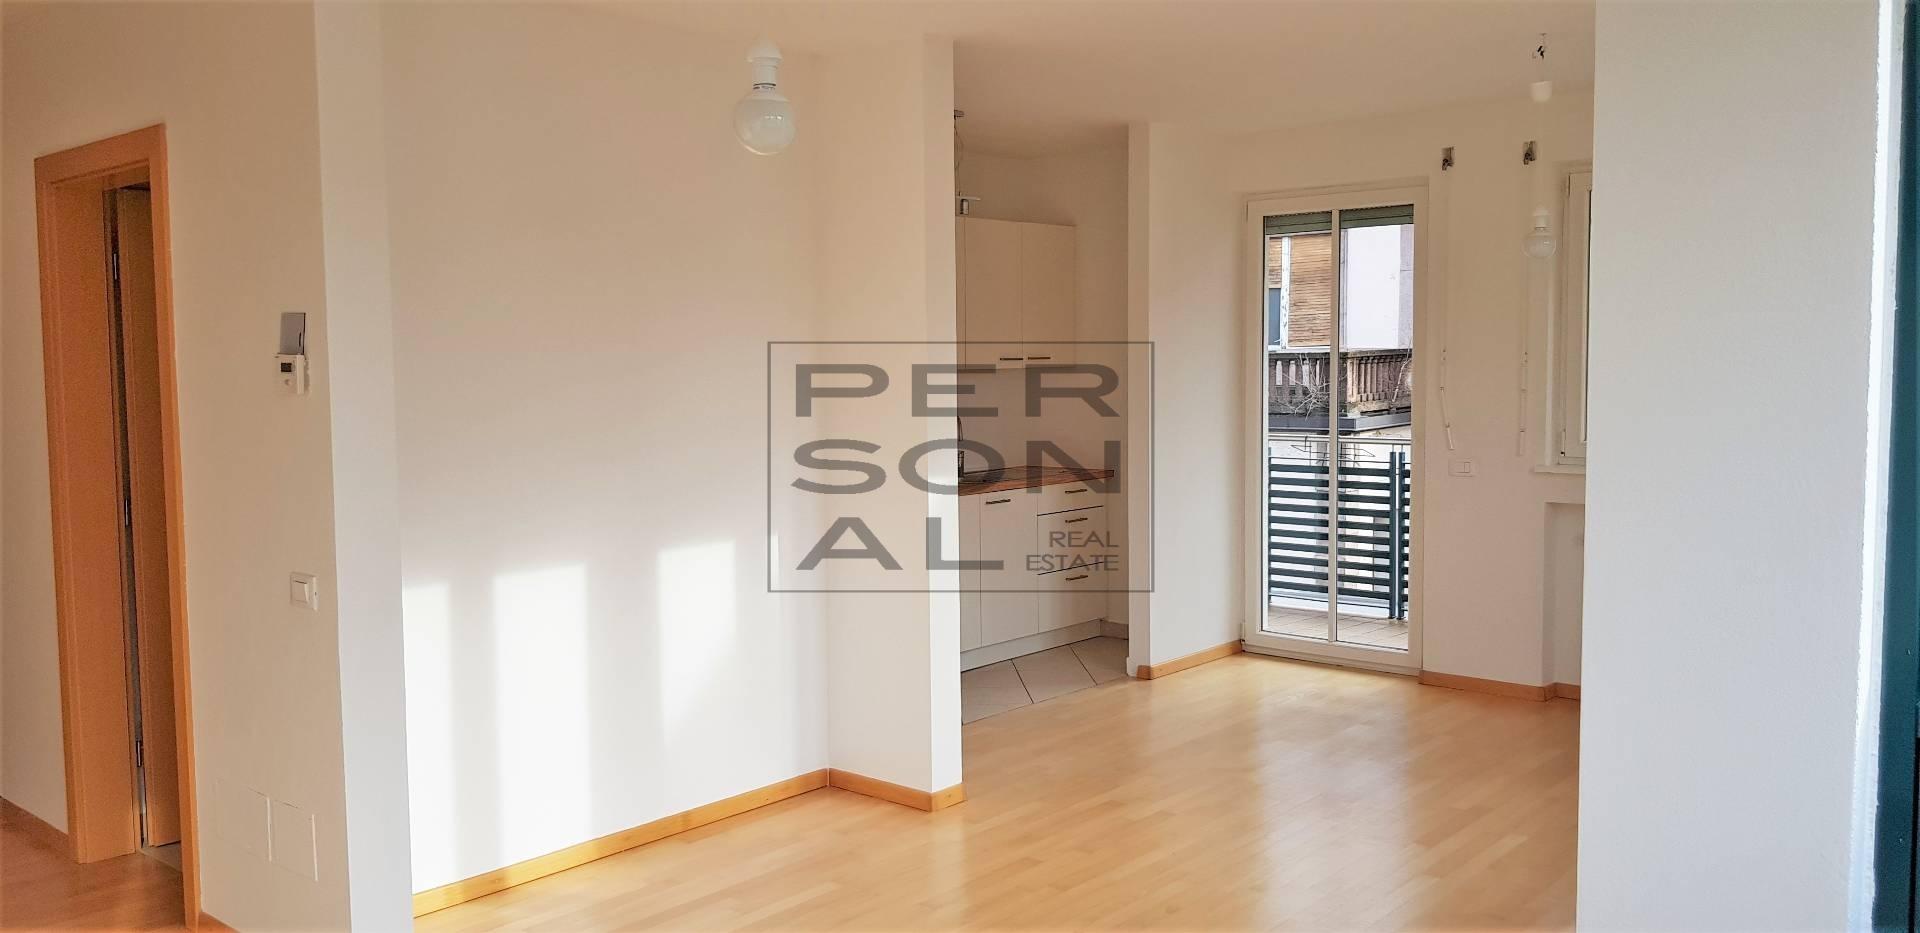 Appartamento in affitto a Laives, 3 locali, prezzo € 900   CambioCasa.it